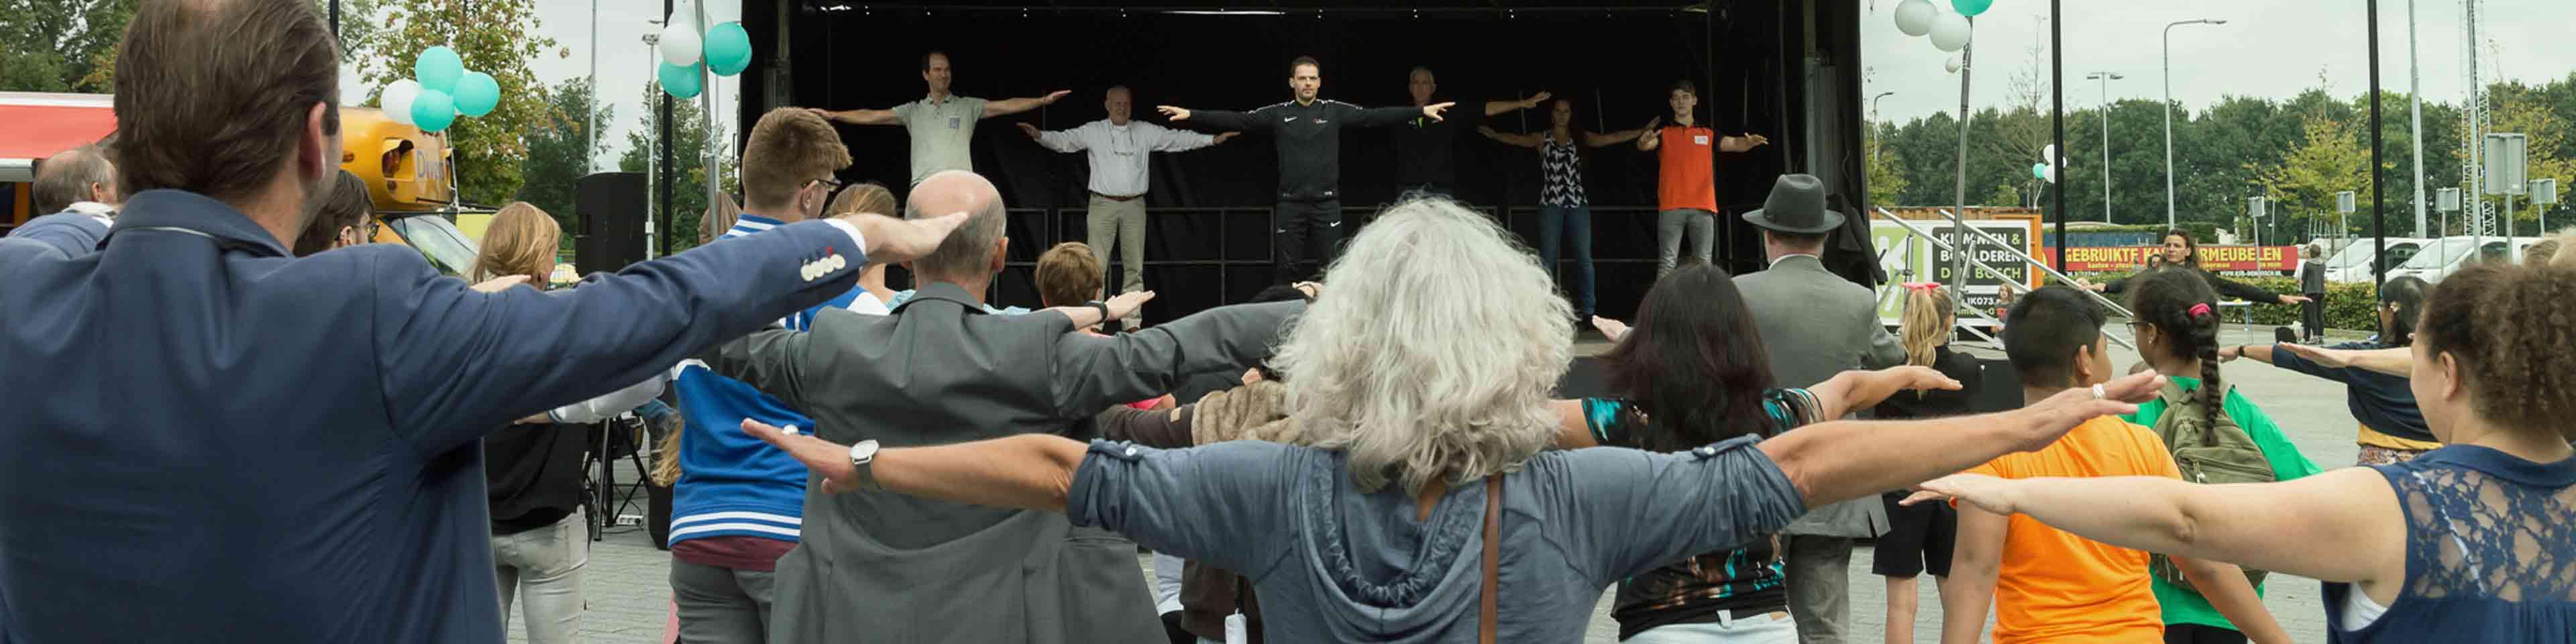 Hero foto, afgebeeld sportieve groepsactiviteit op het plein